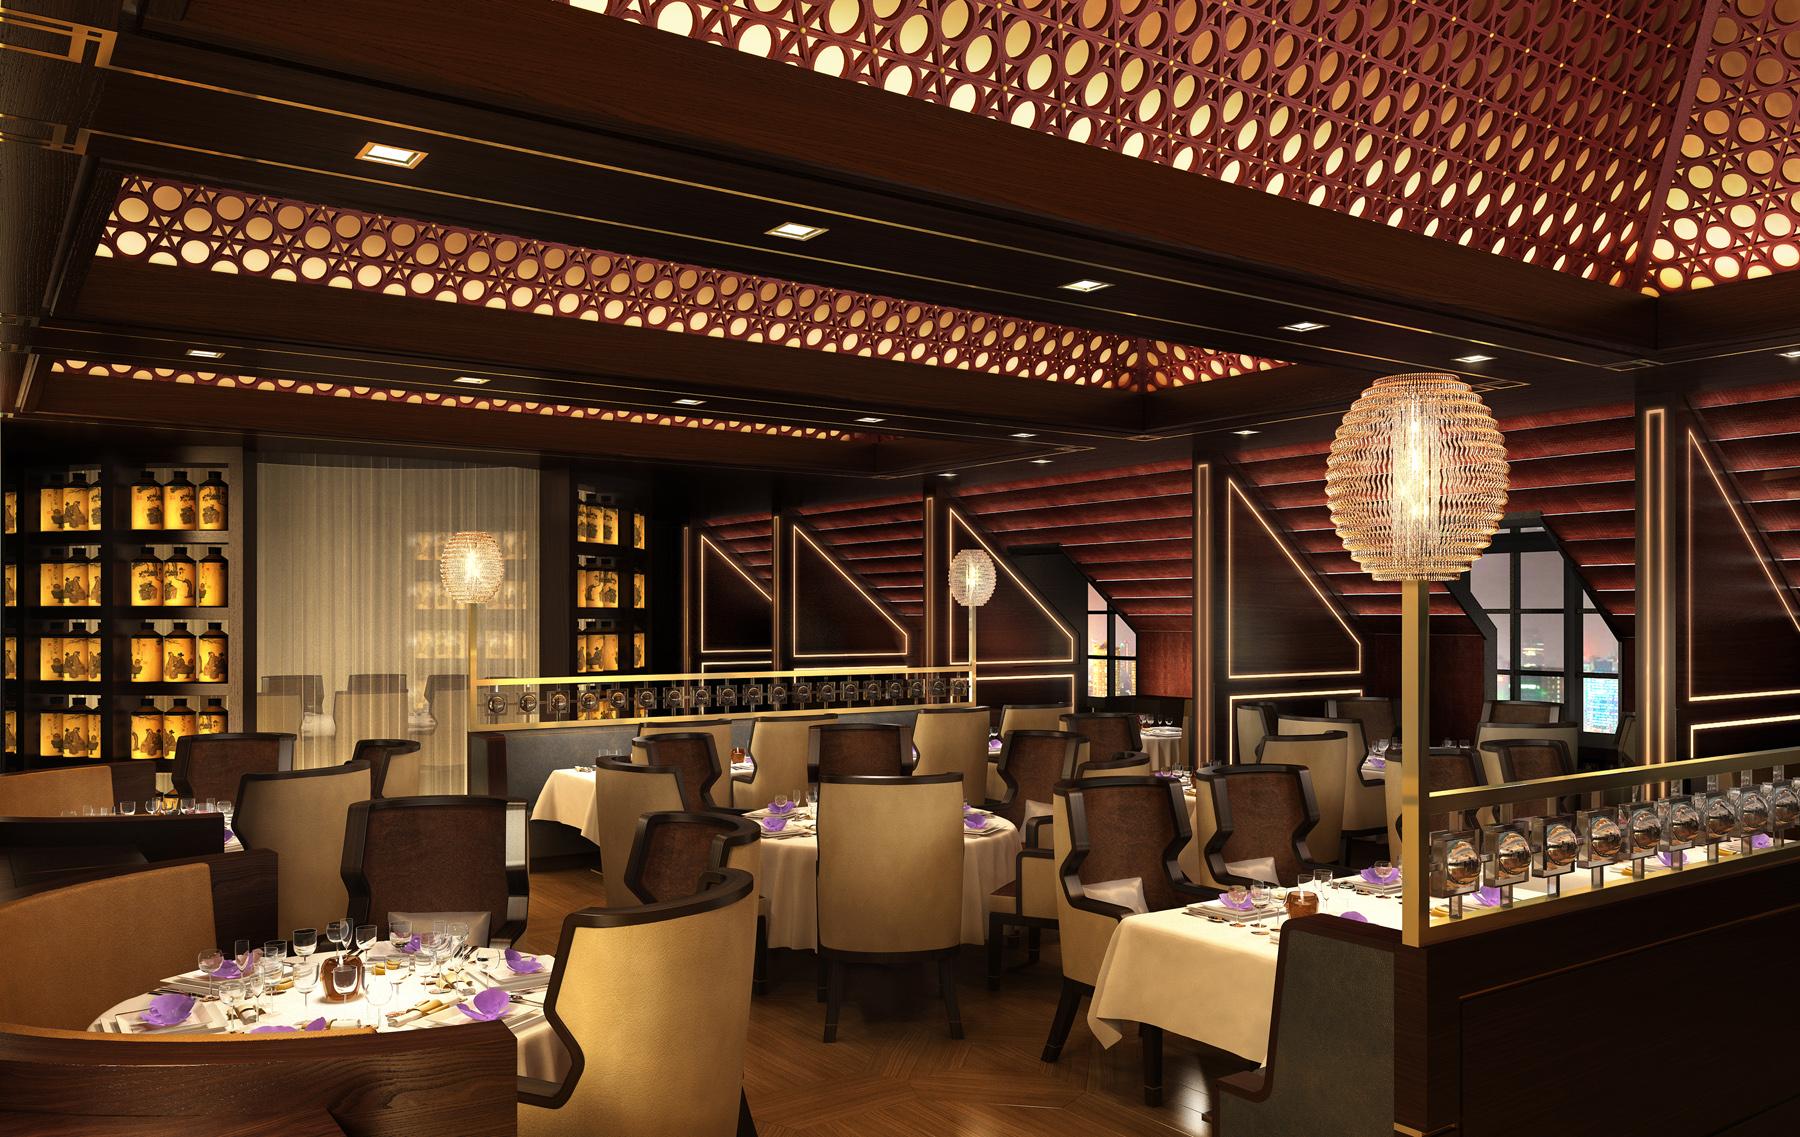 S400_ChineseRestaurantMainDining_2009-12-07_RedWood.jpg